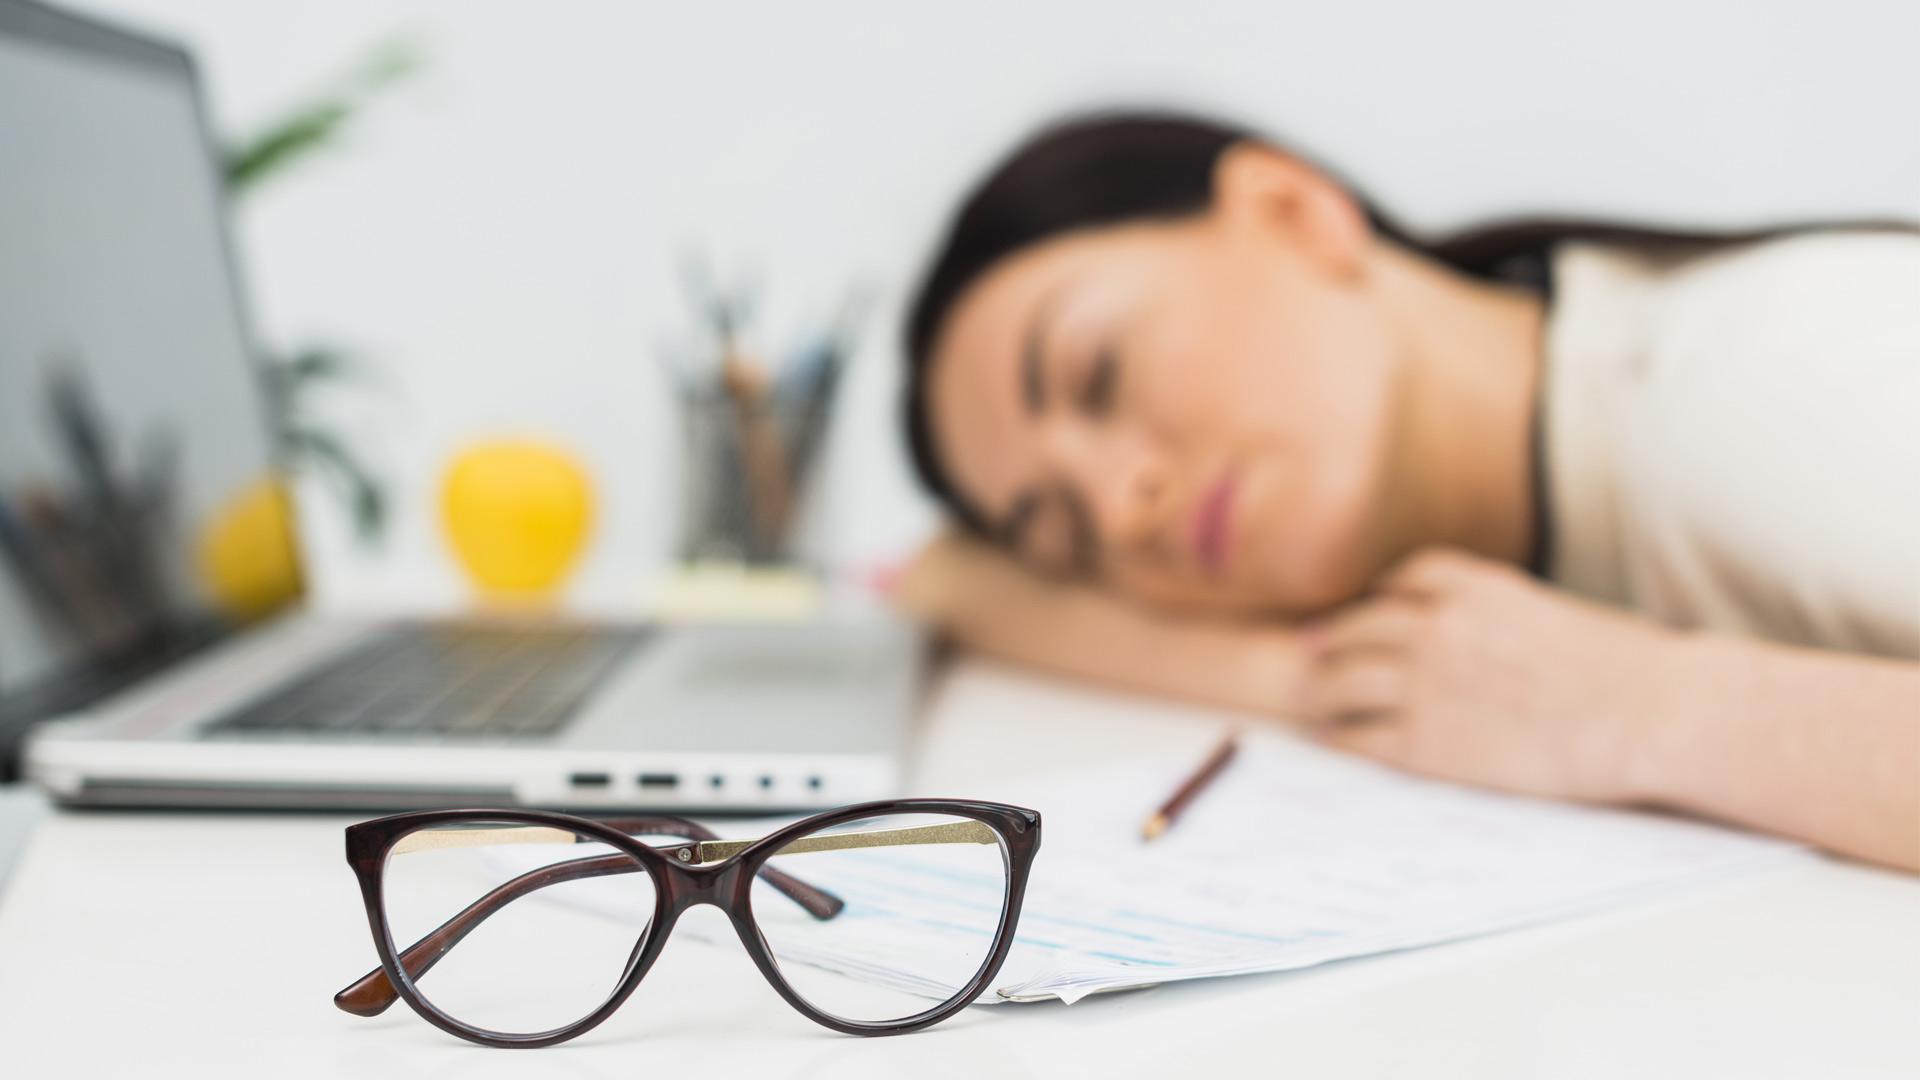 Отдых вместо зубрежки: перед экзаменом рекомендуется подремать